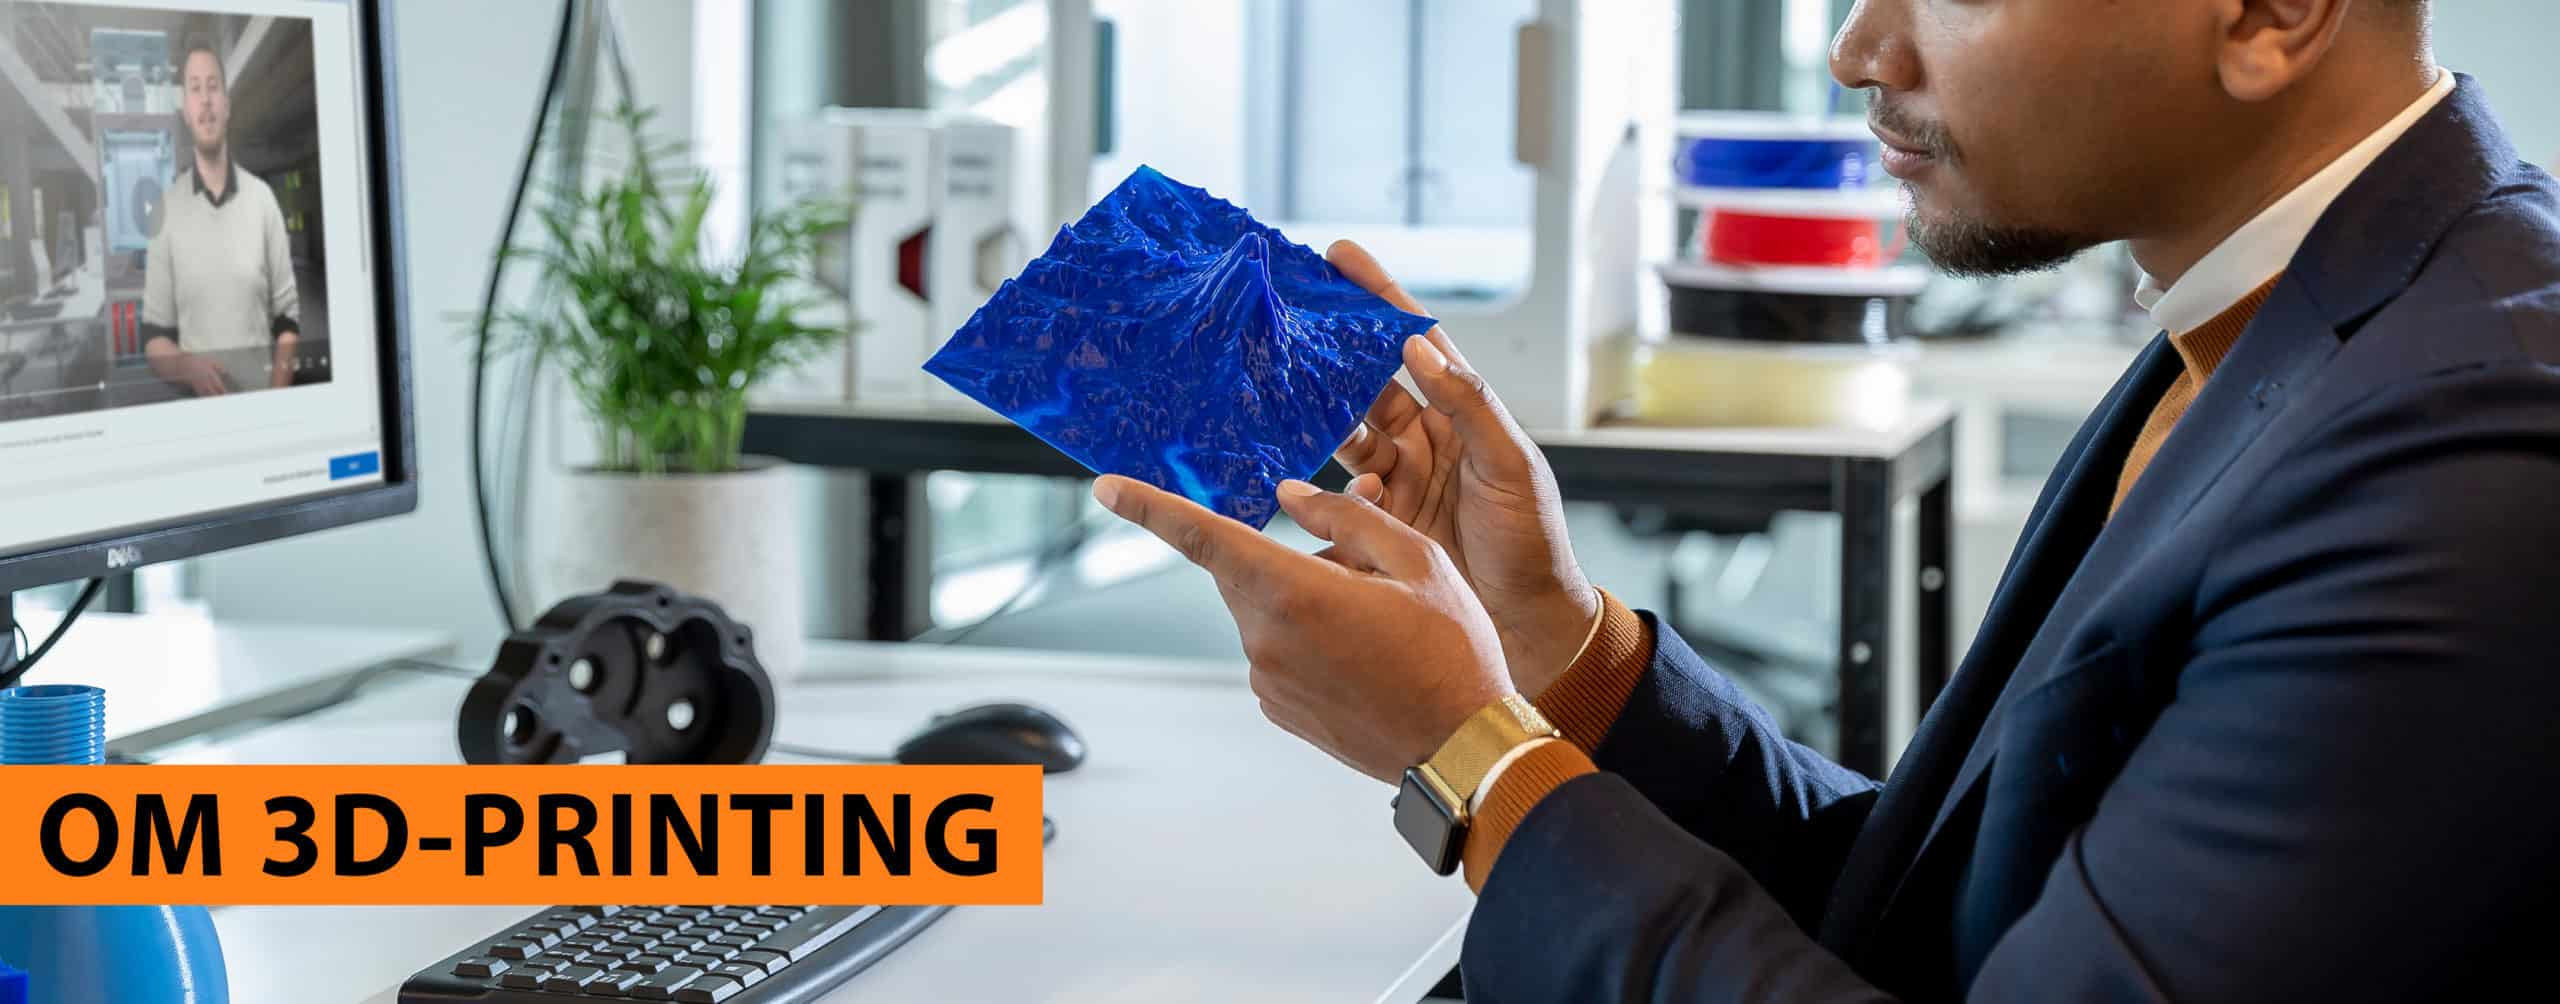 3D-print av vulkan. rubrik: om 3D-printing